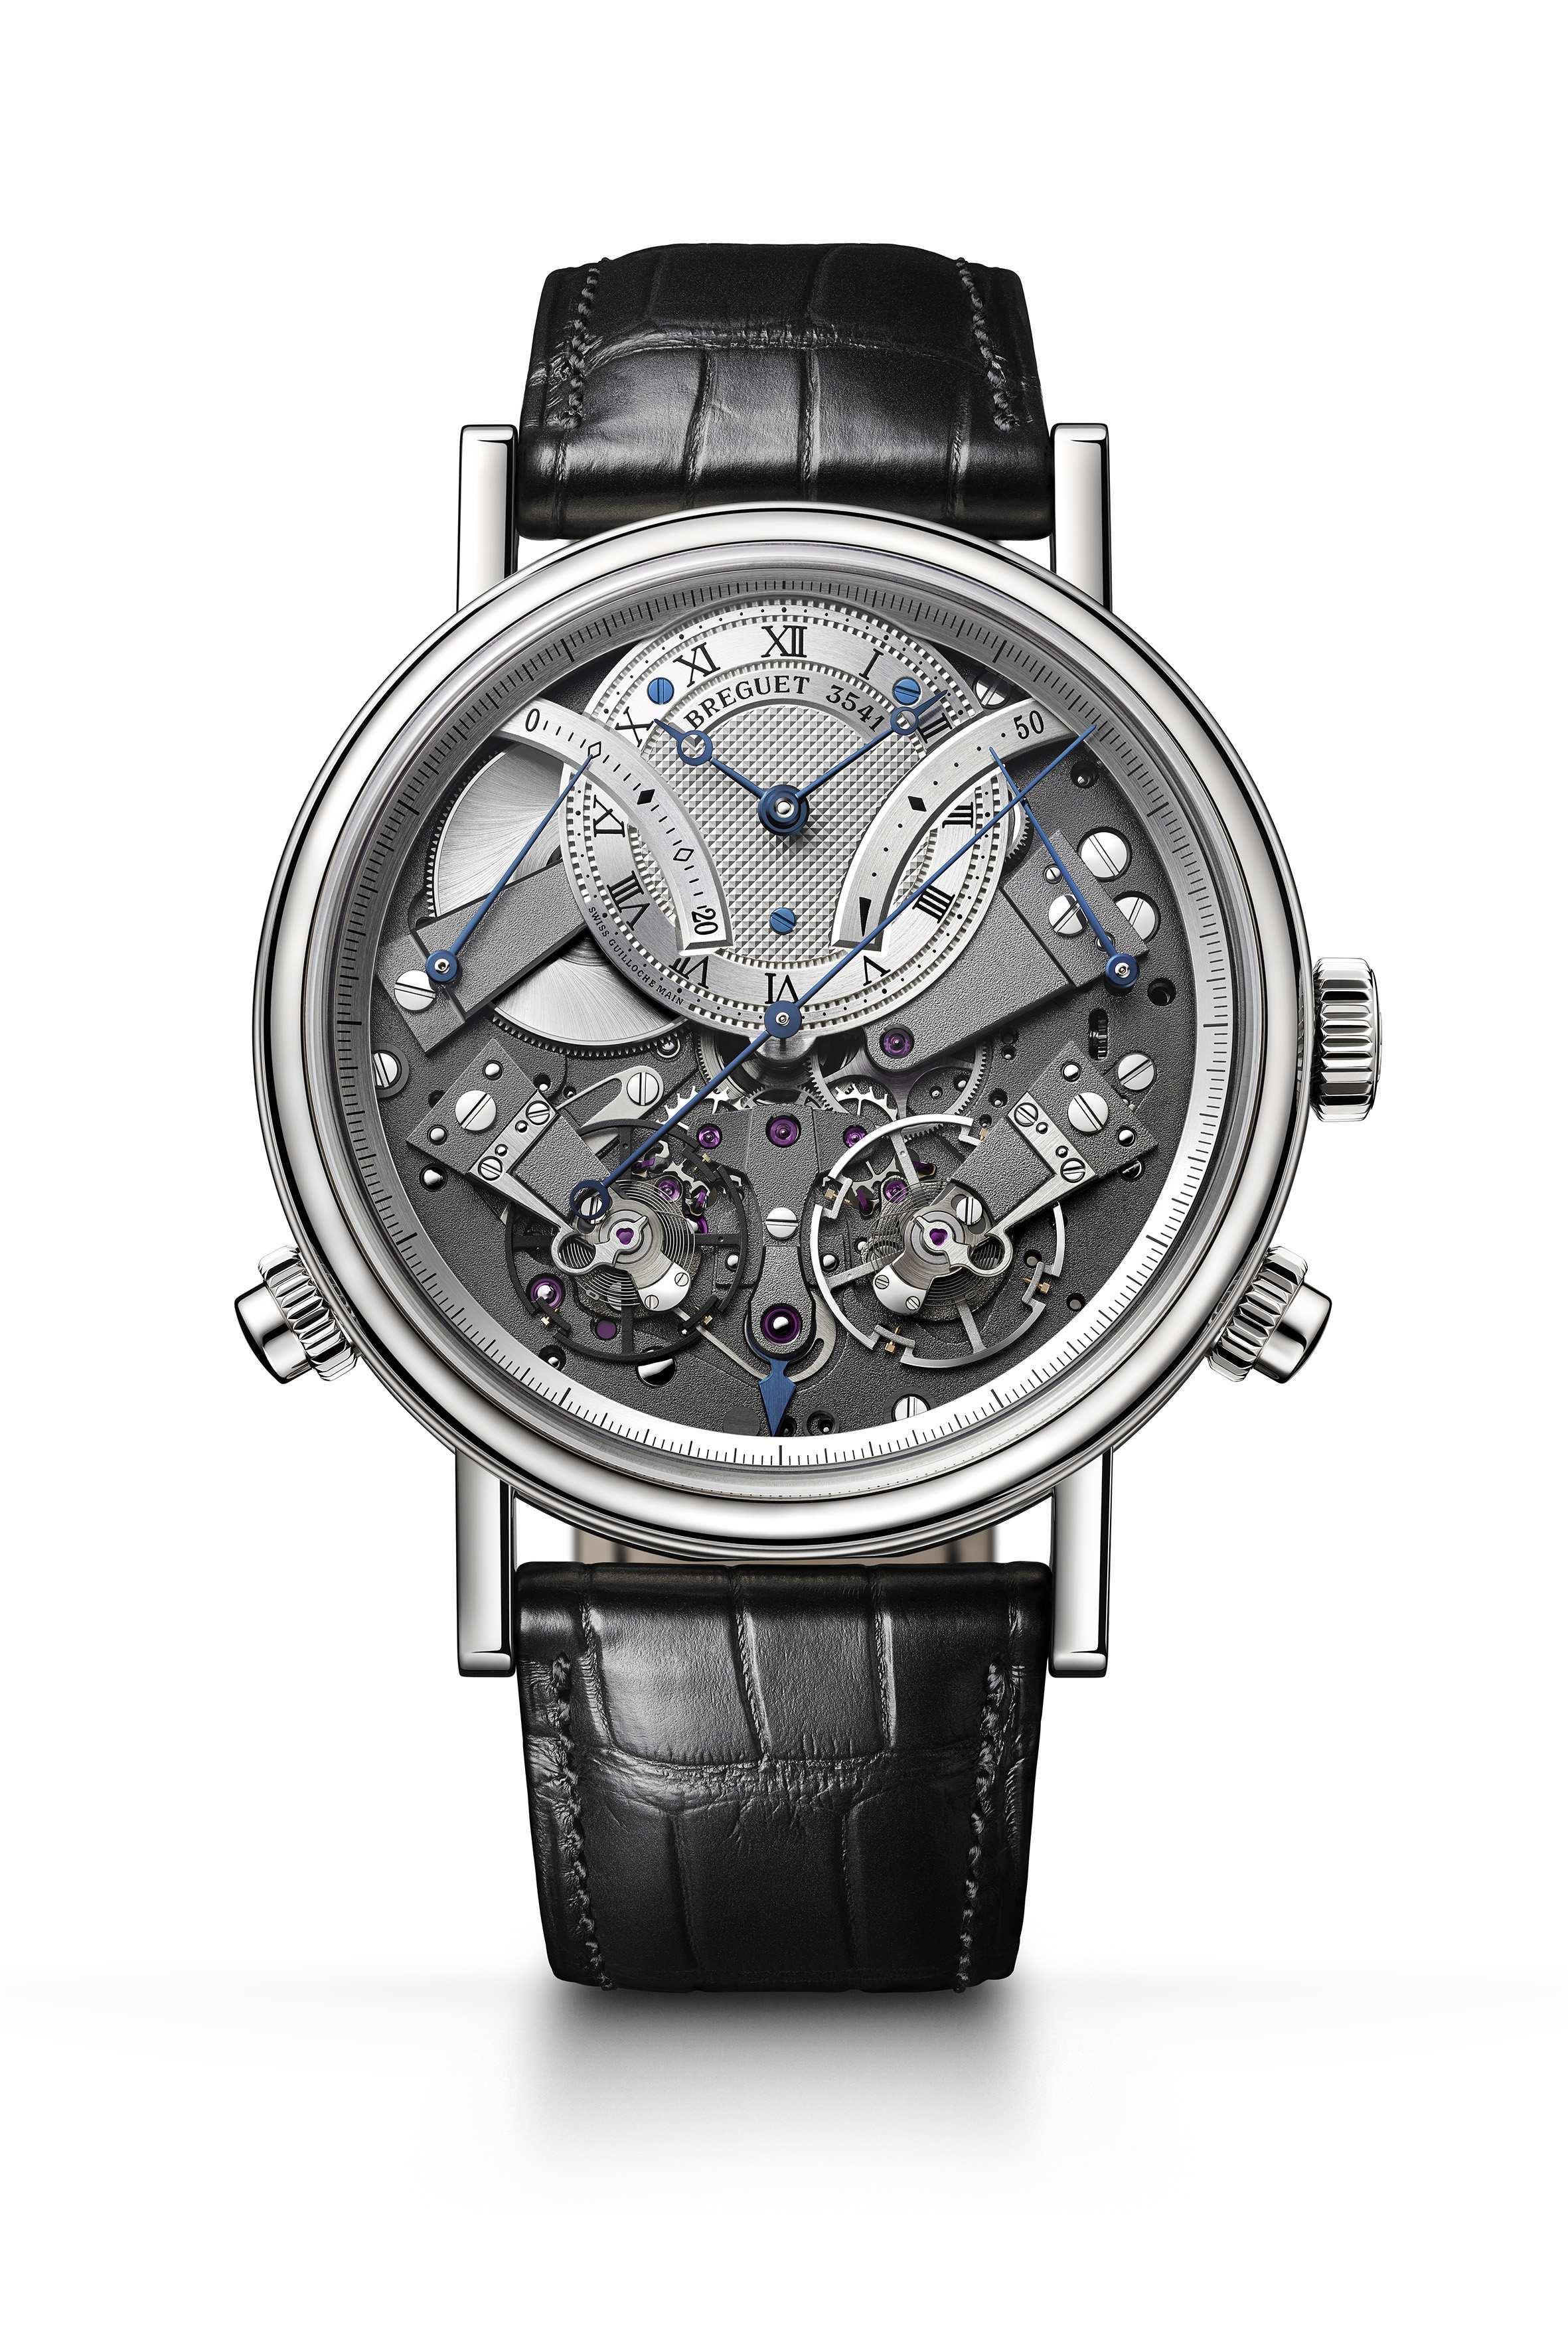 Breguet Tradition Chronograph Indépendant_1